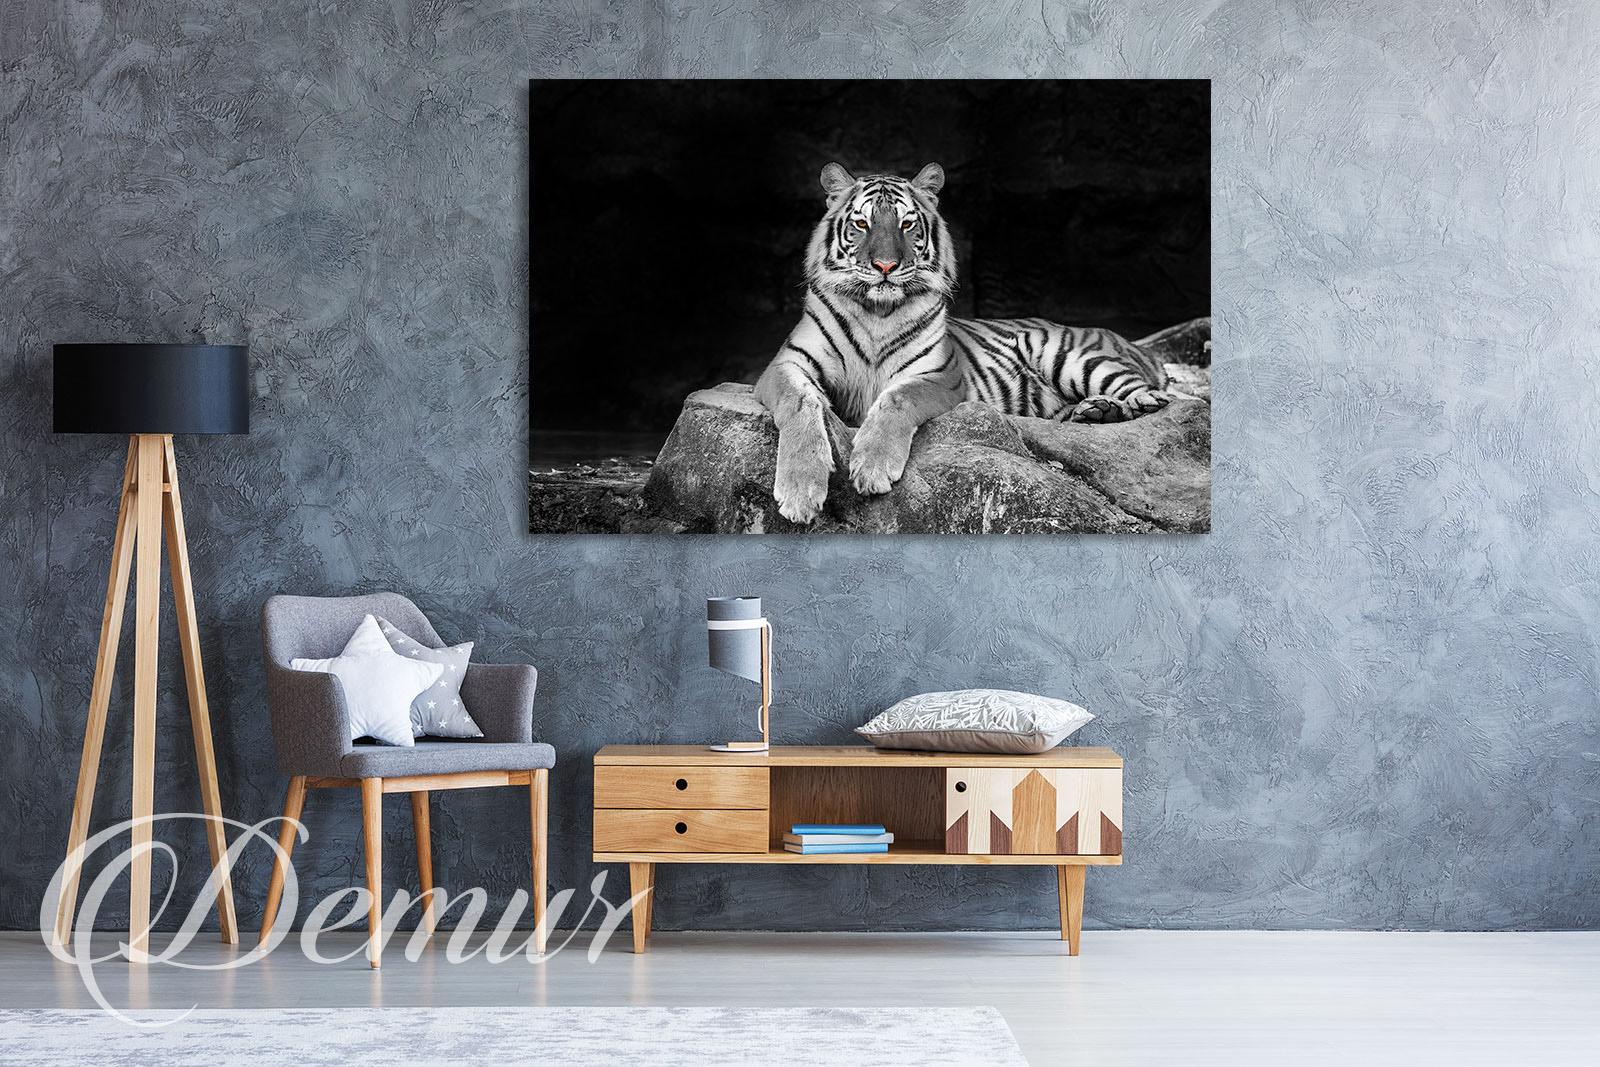 Obraz - Tygrys biało czarny - Jaki obraz do salonu - Demur